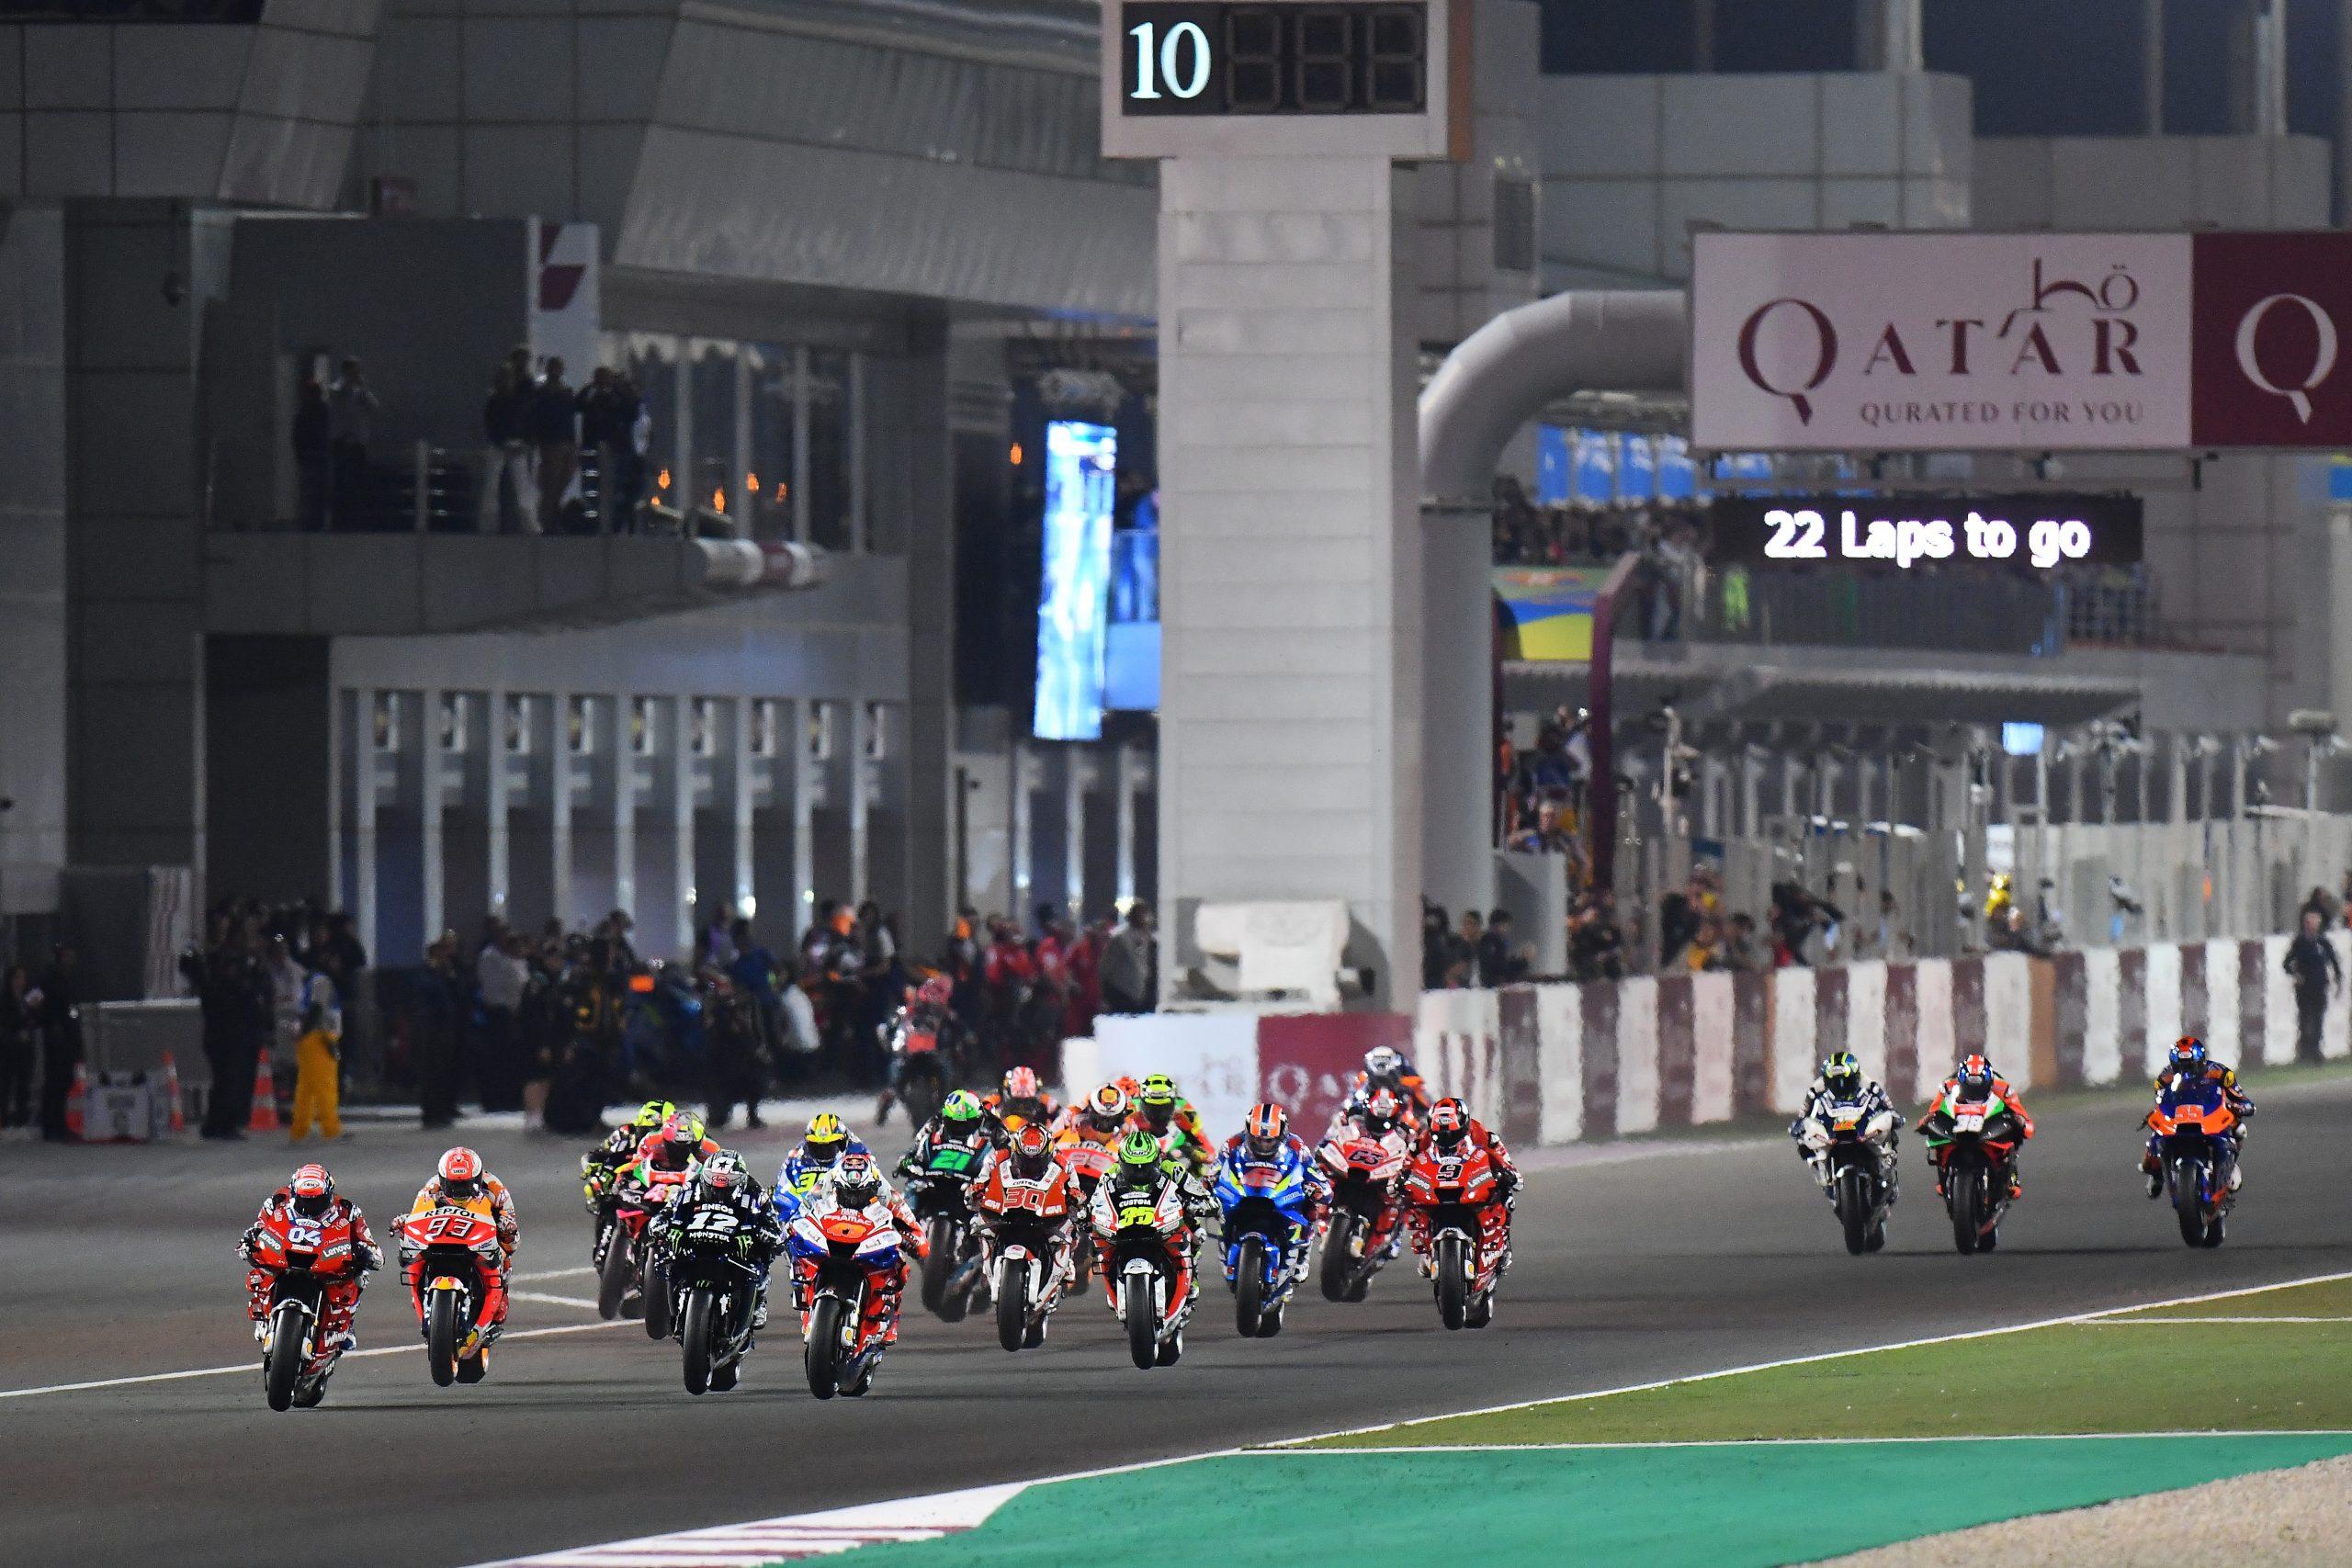 Sezon 2021 MotoGP tradycyjnie wystartuje w Katarze